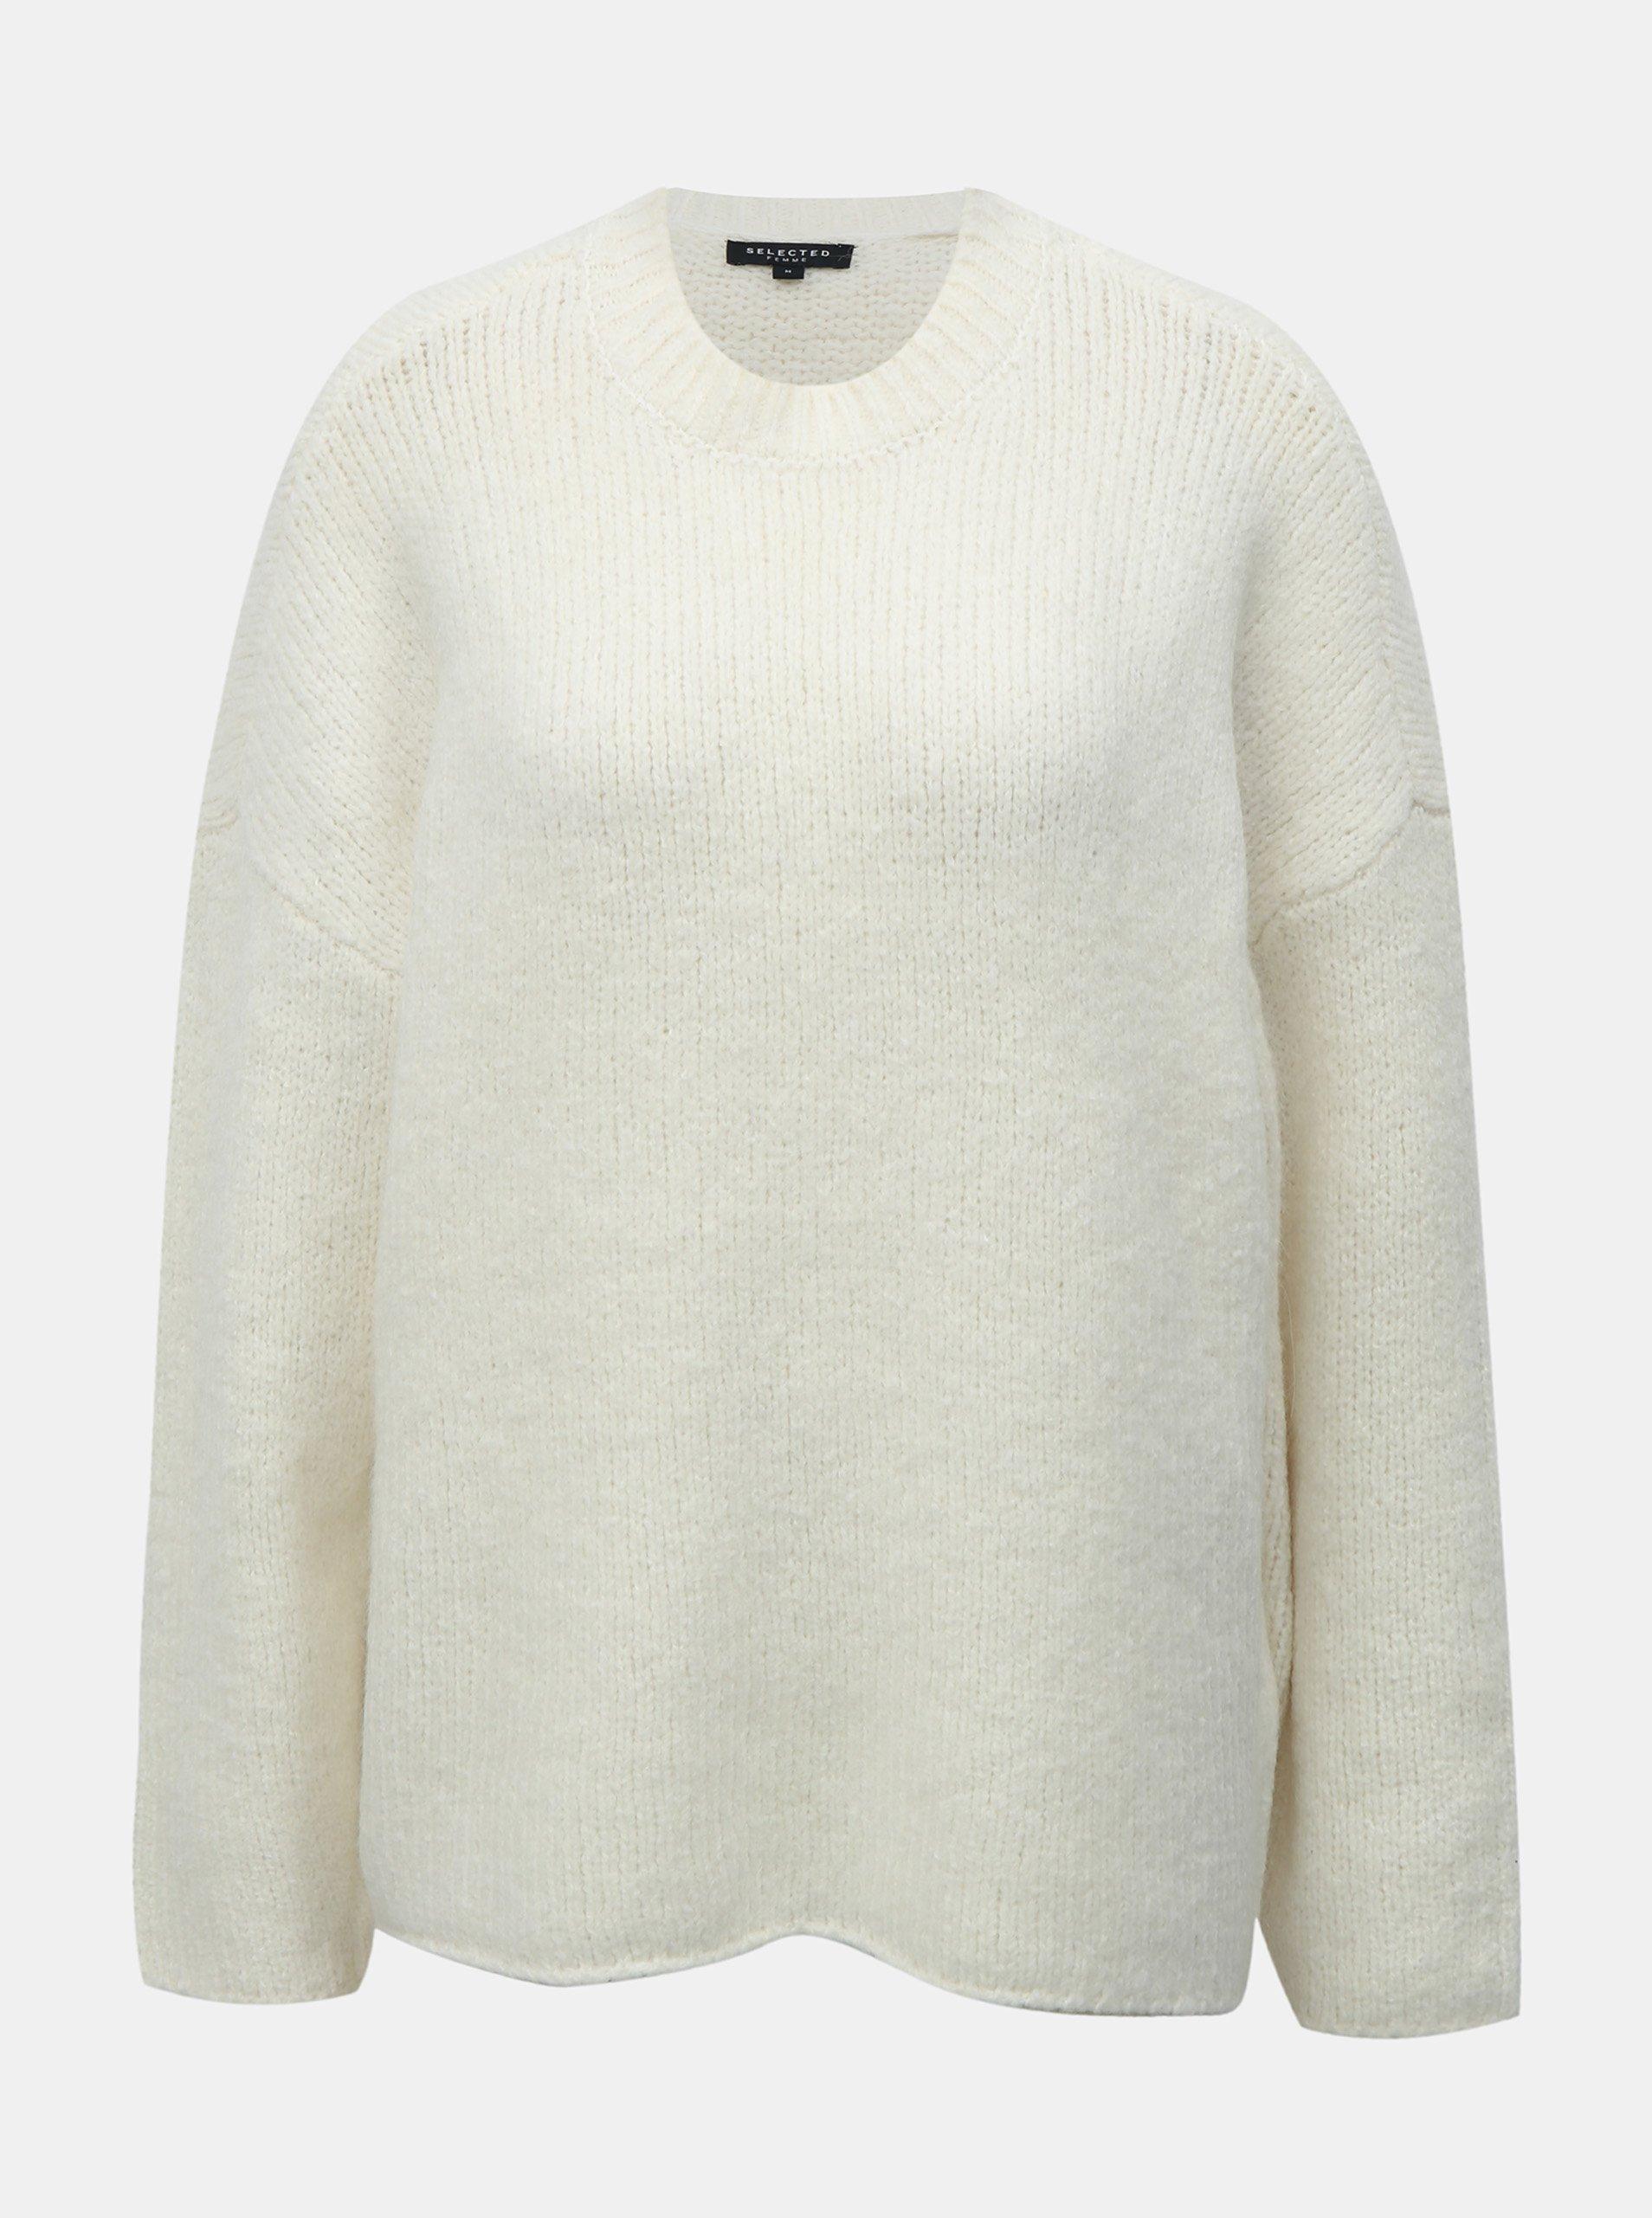 5630a33702a5 Krémový sveter s prímesou vlny Selected Femme Fregina